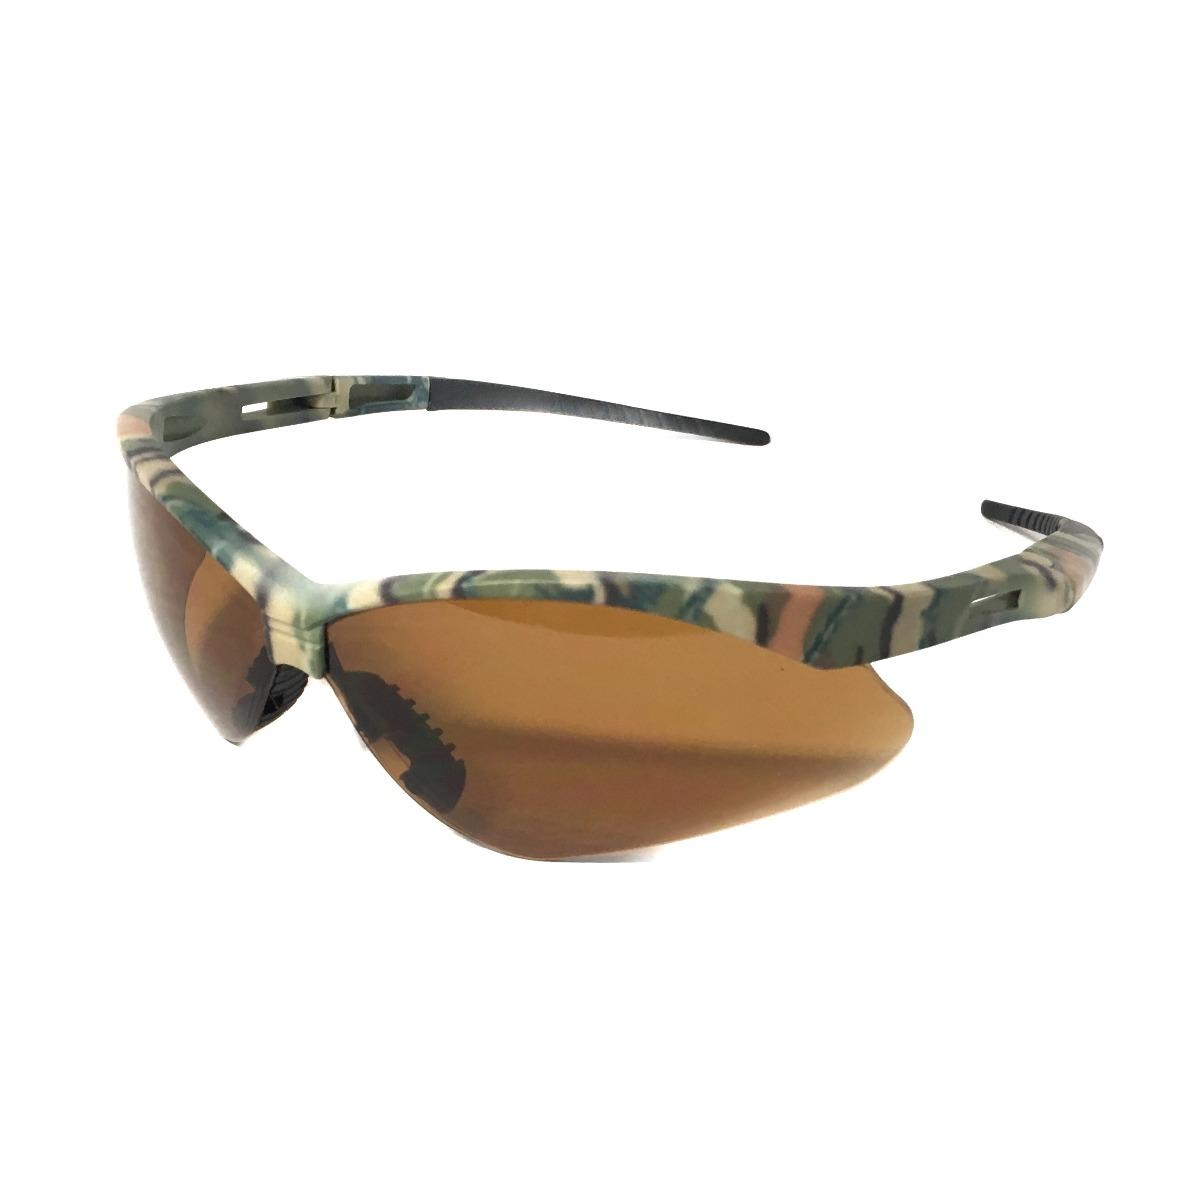 b68f9f06c8345 Óculos Nemesis Proteção Esporte Noturno Airsoft - R  48,99 em ...